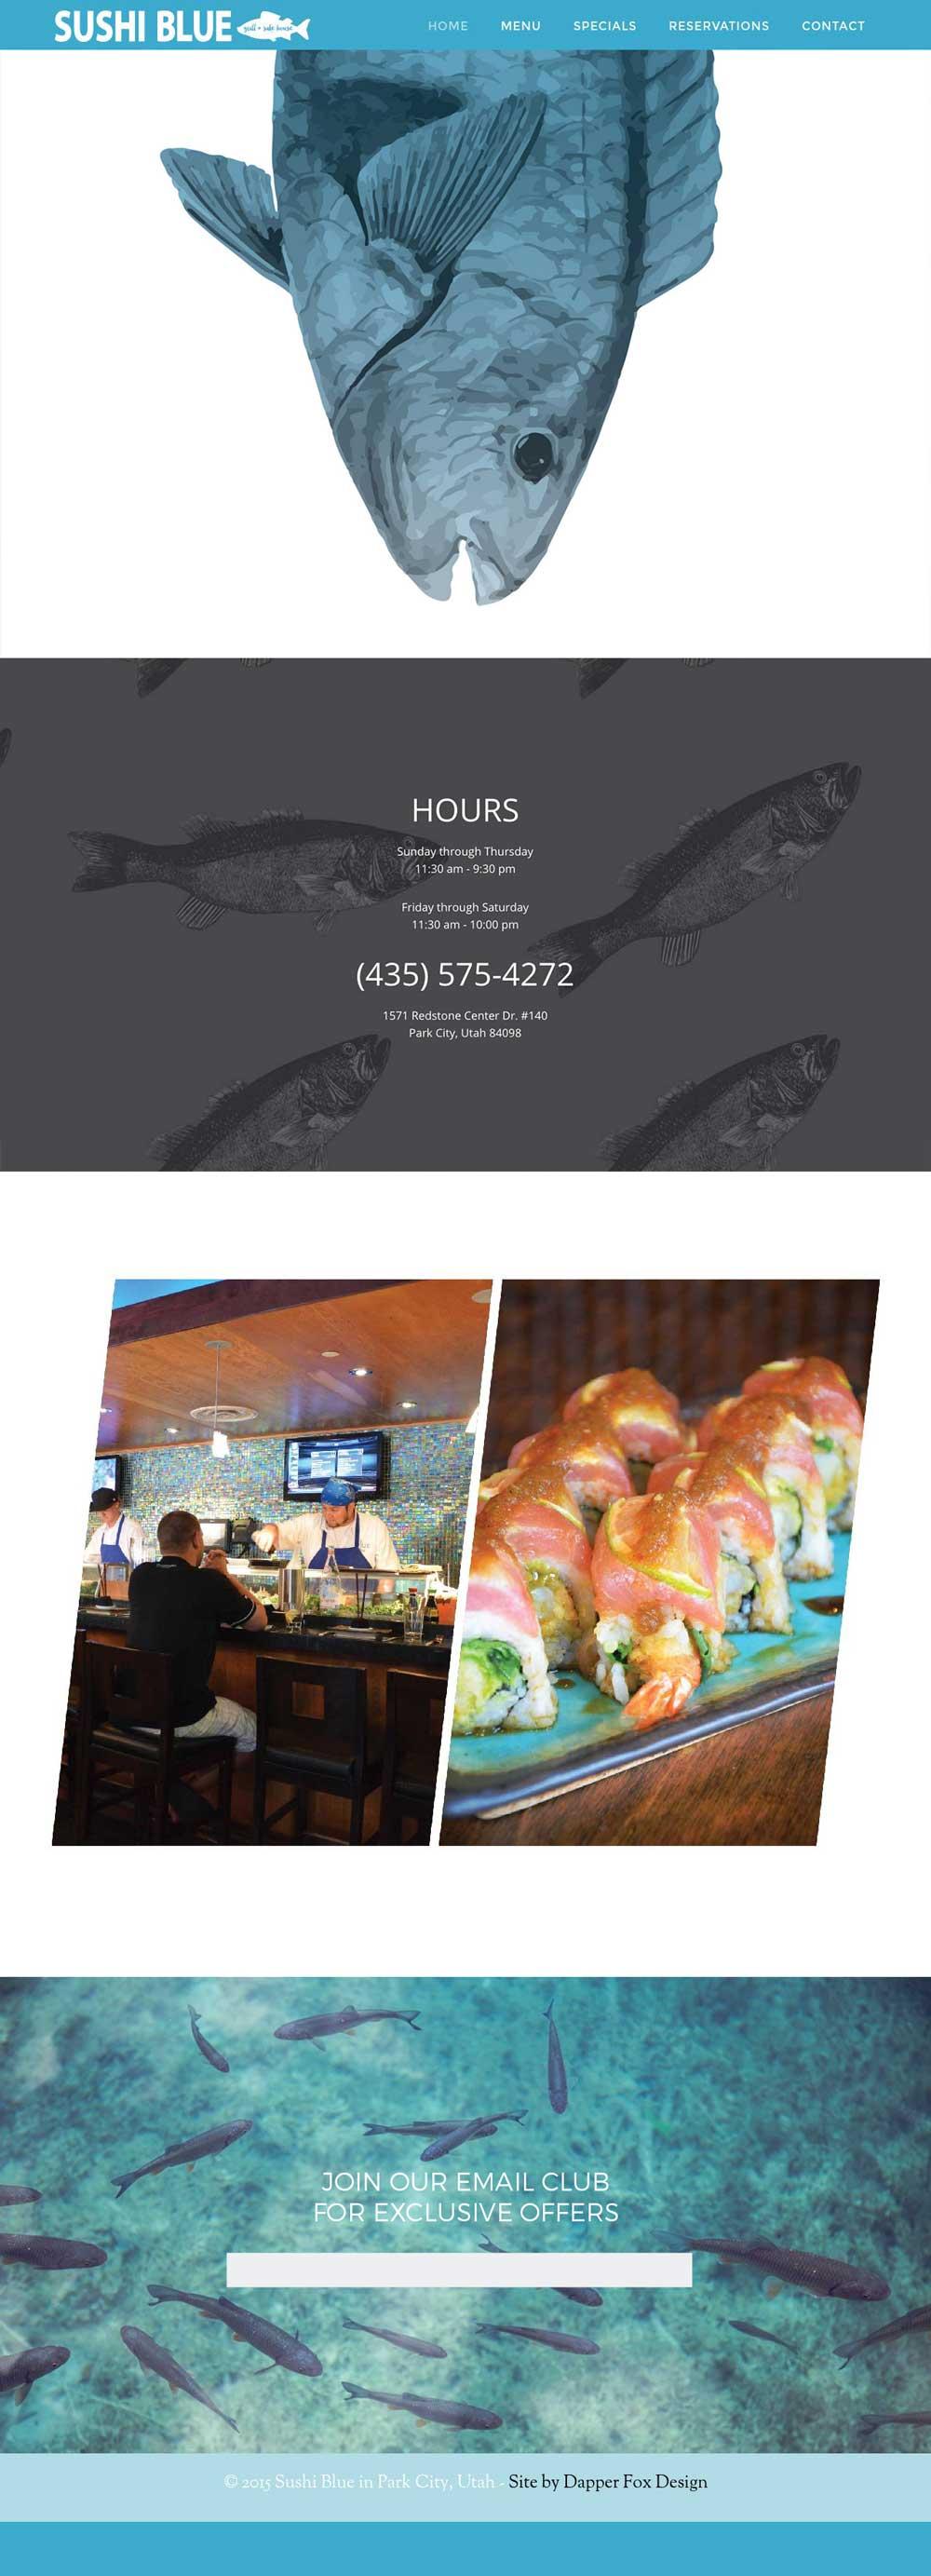 Sushi-Blue-website-Design-Home-Page.jpg